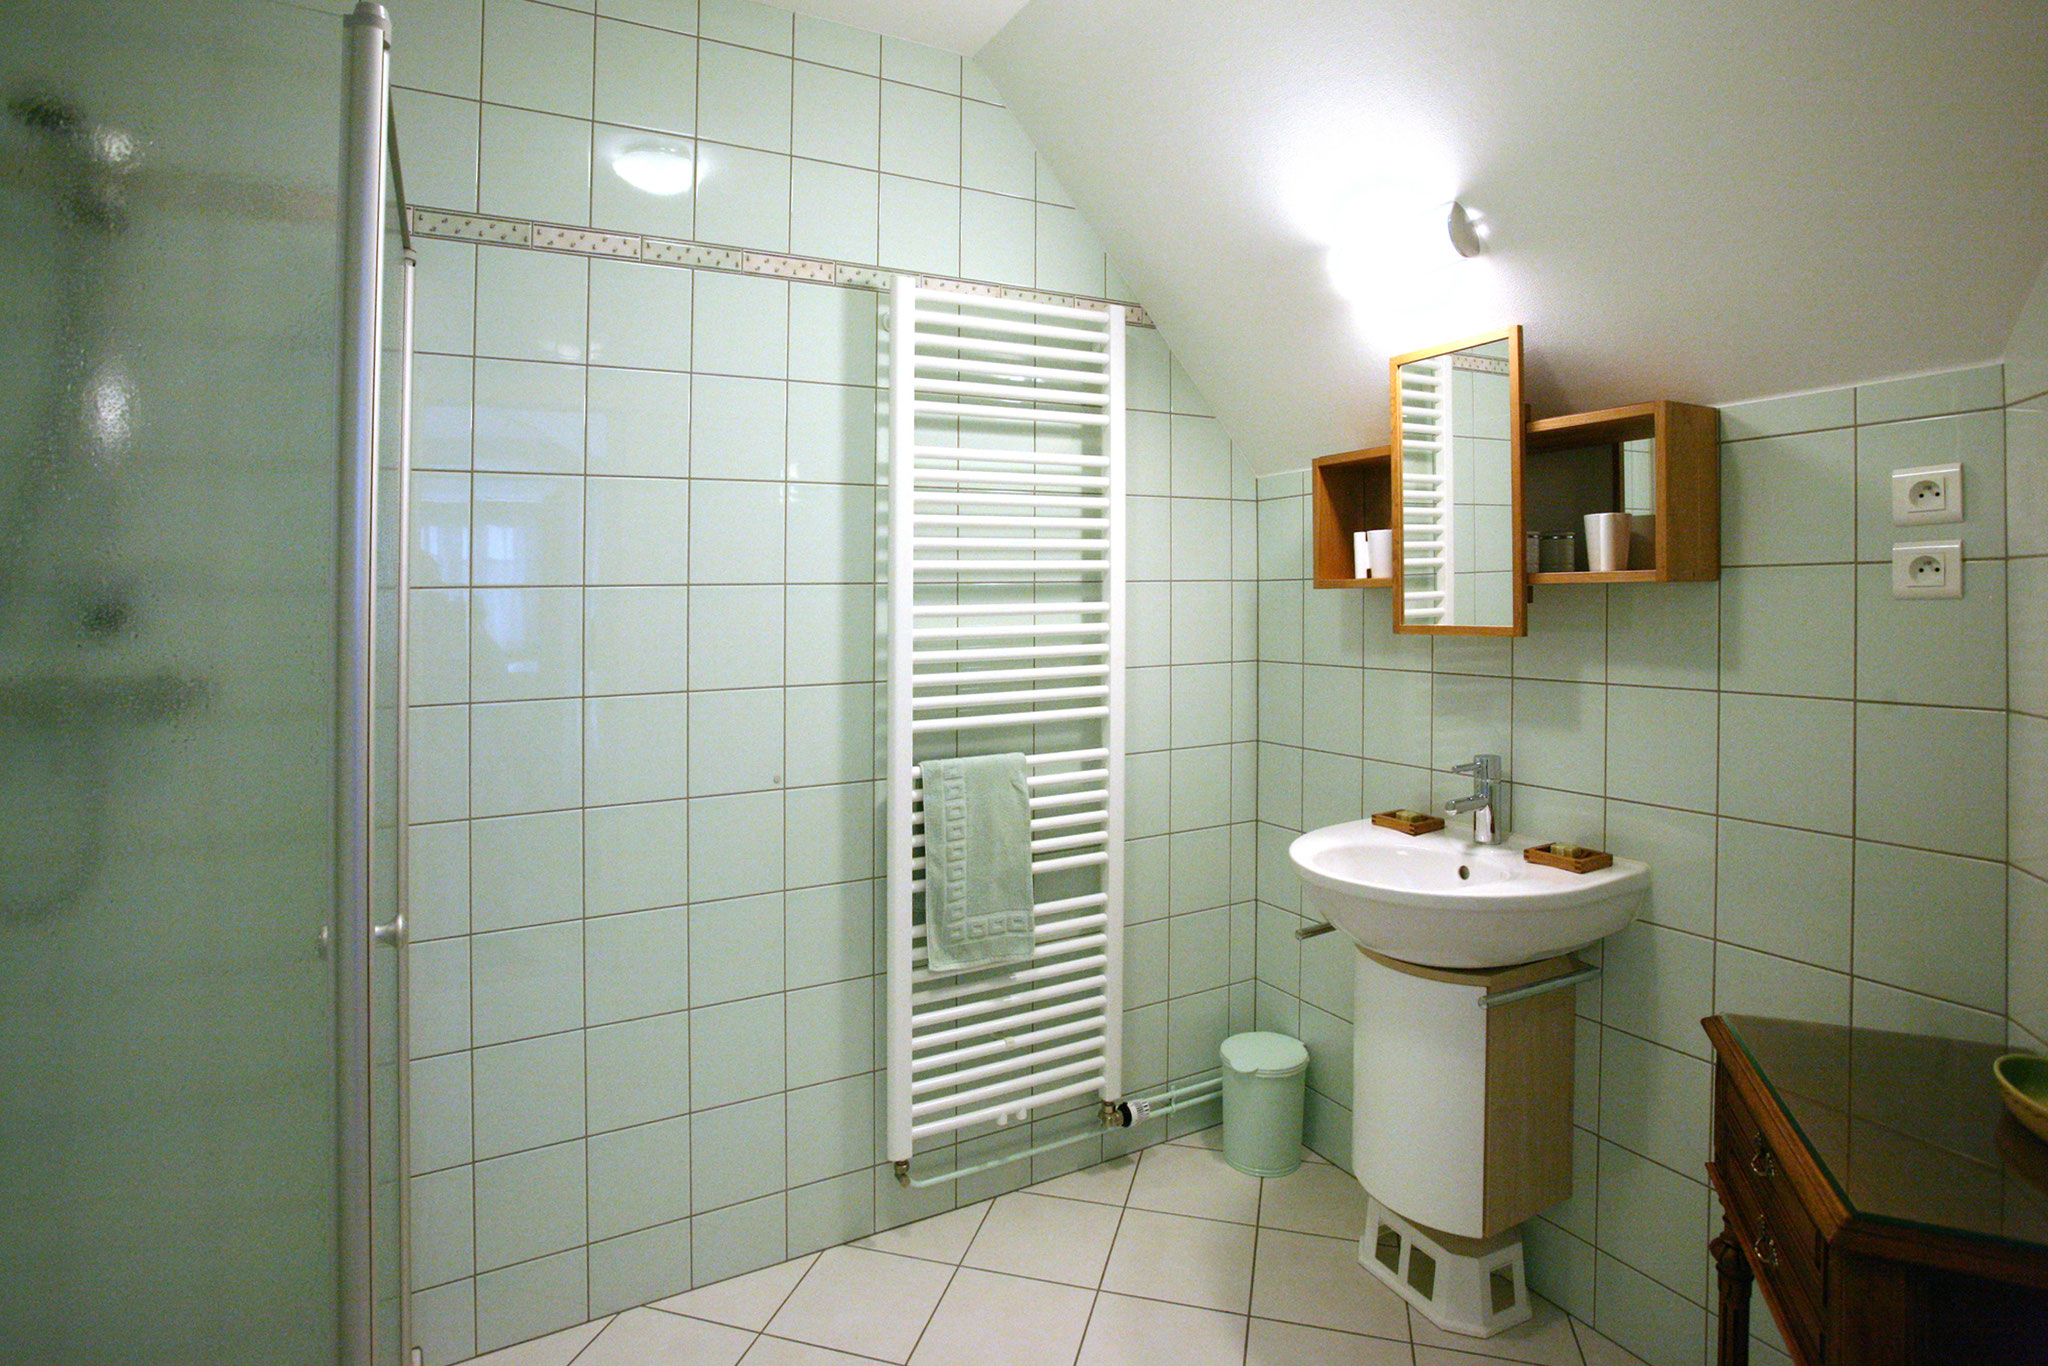 Salle de bain,  Mésange (Photoval)